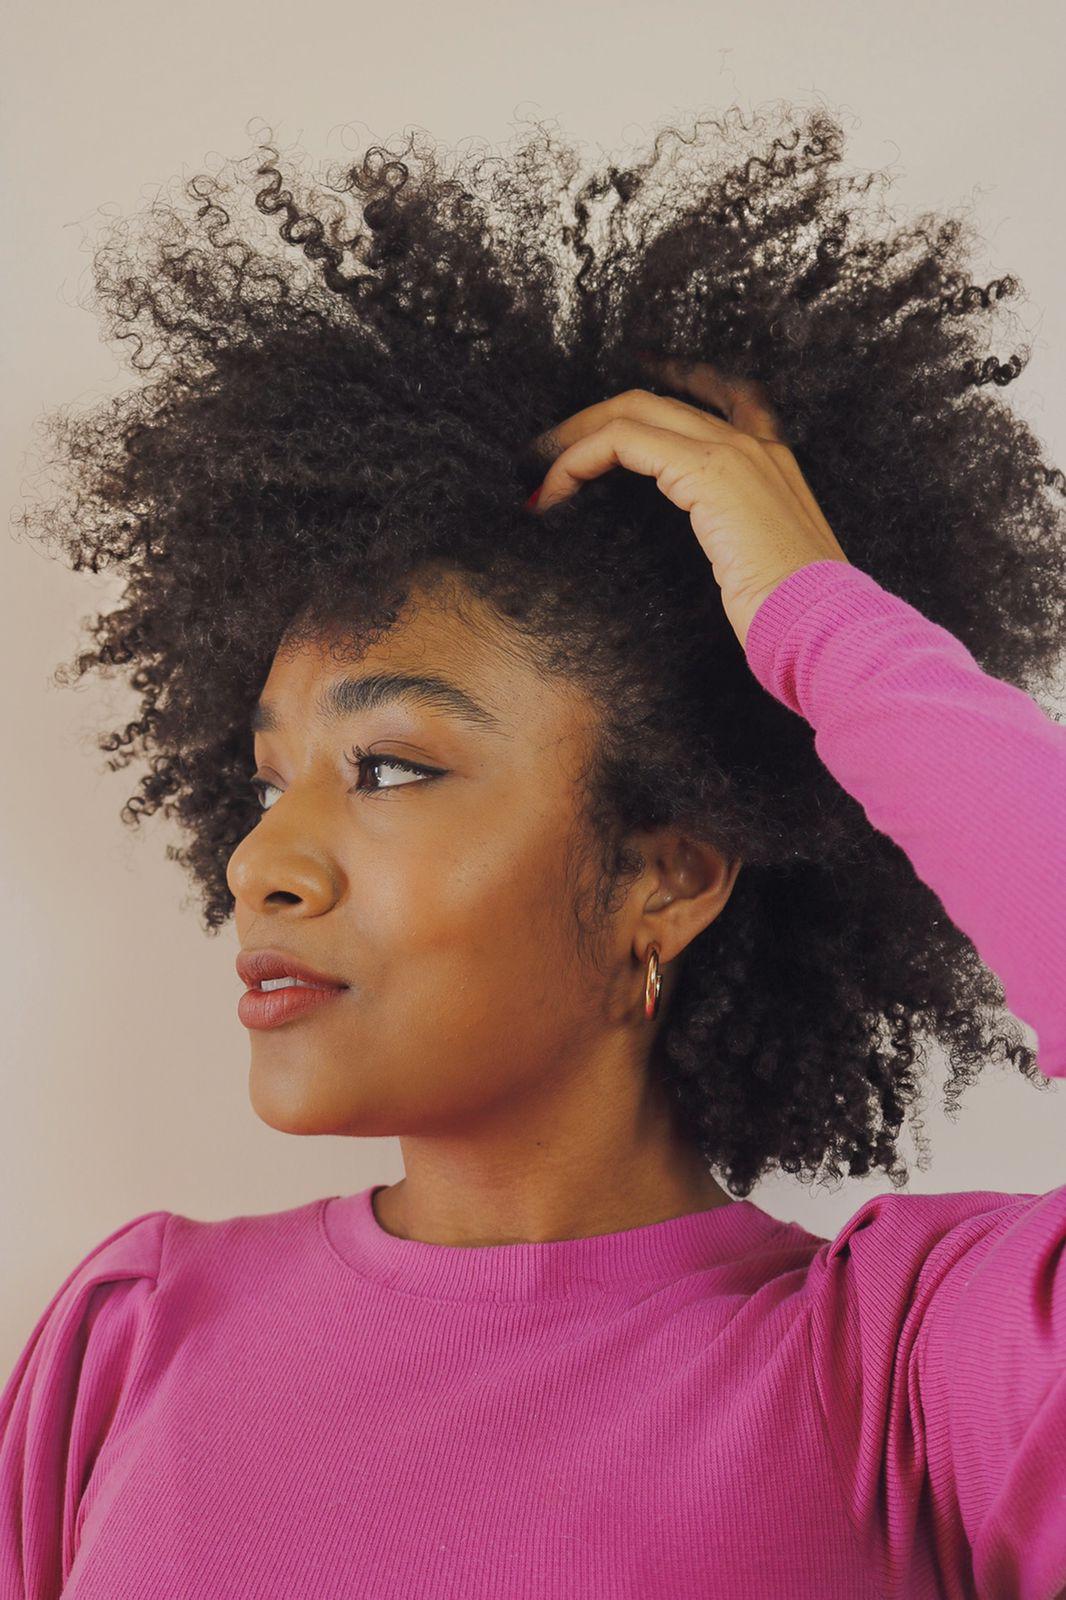 A influenciadora Sah Oliveira usando blusa rosa de manga longa, olhando para o lado com uma das mãos em seu cabelo crespo